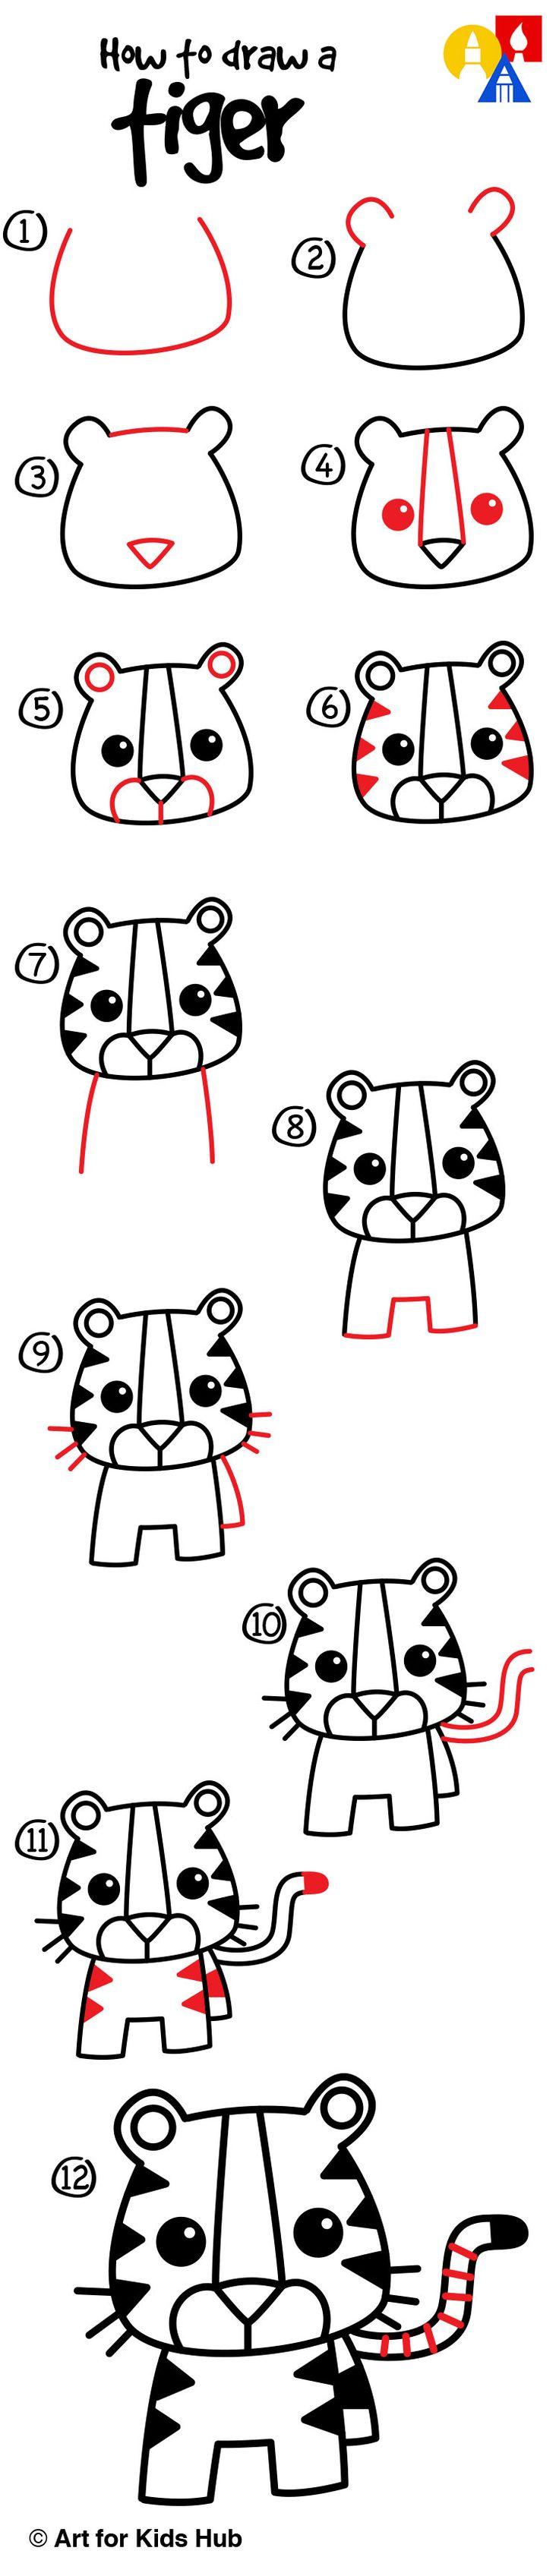 Drawn racoon art for kid hub A Draw Hub Cartoon Tiger